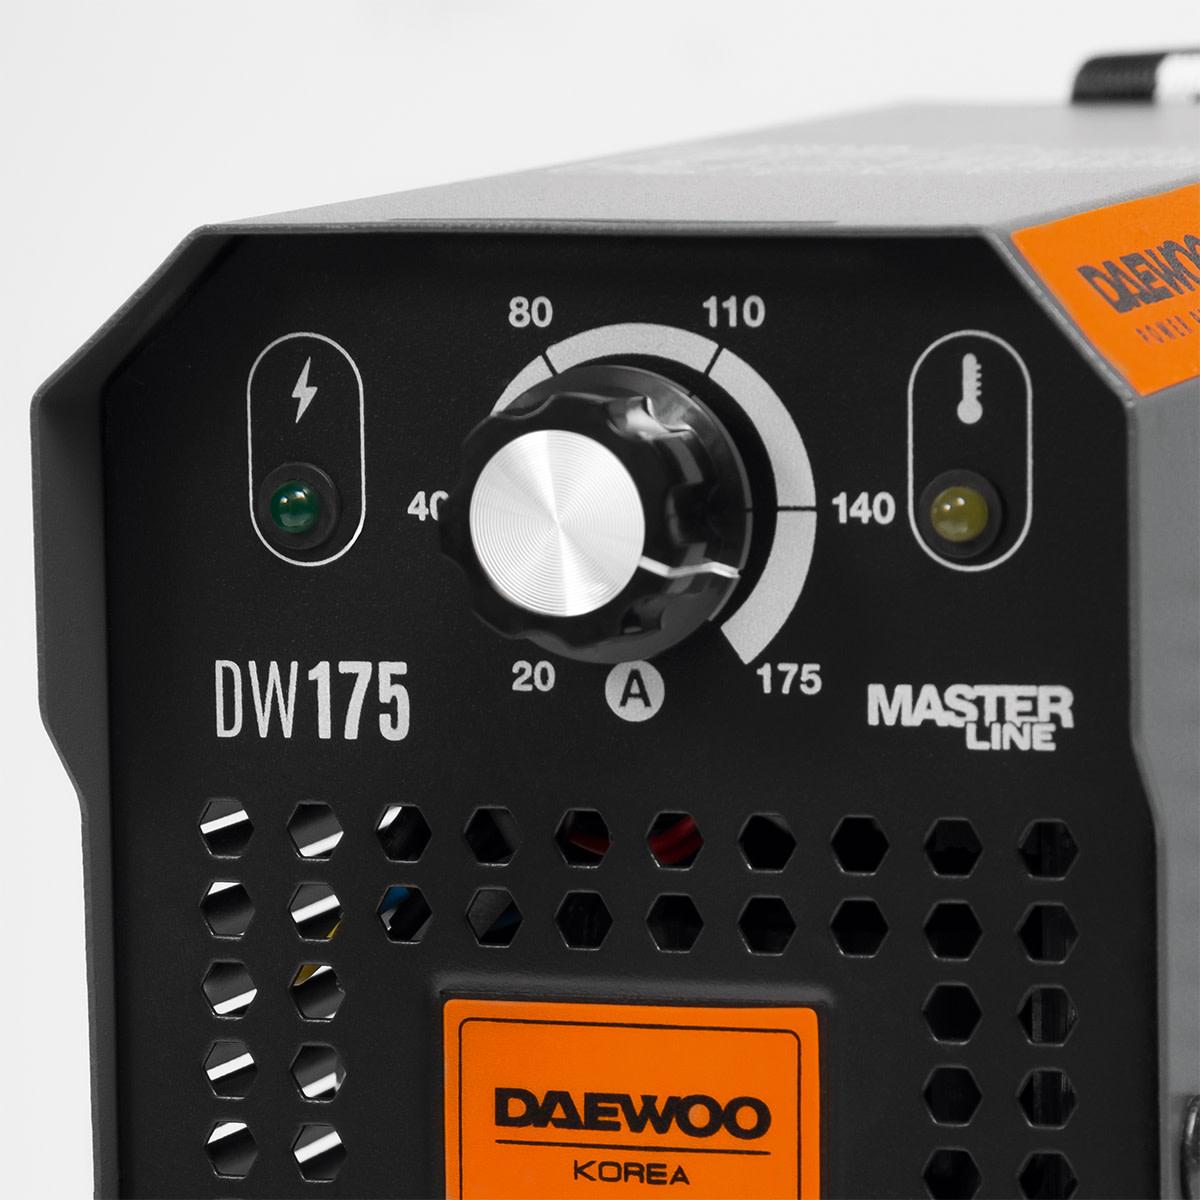 Дуговой Сварочный Инвертор Daewoo Dw 175